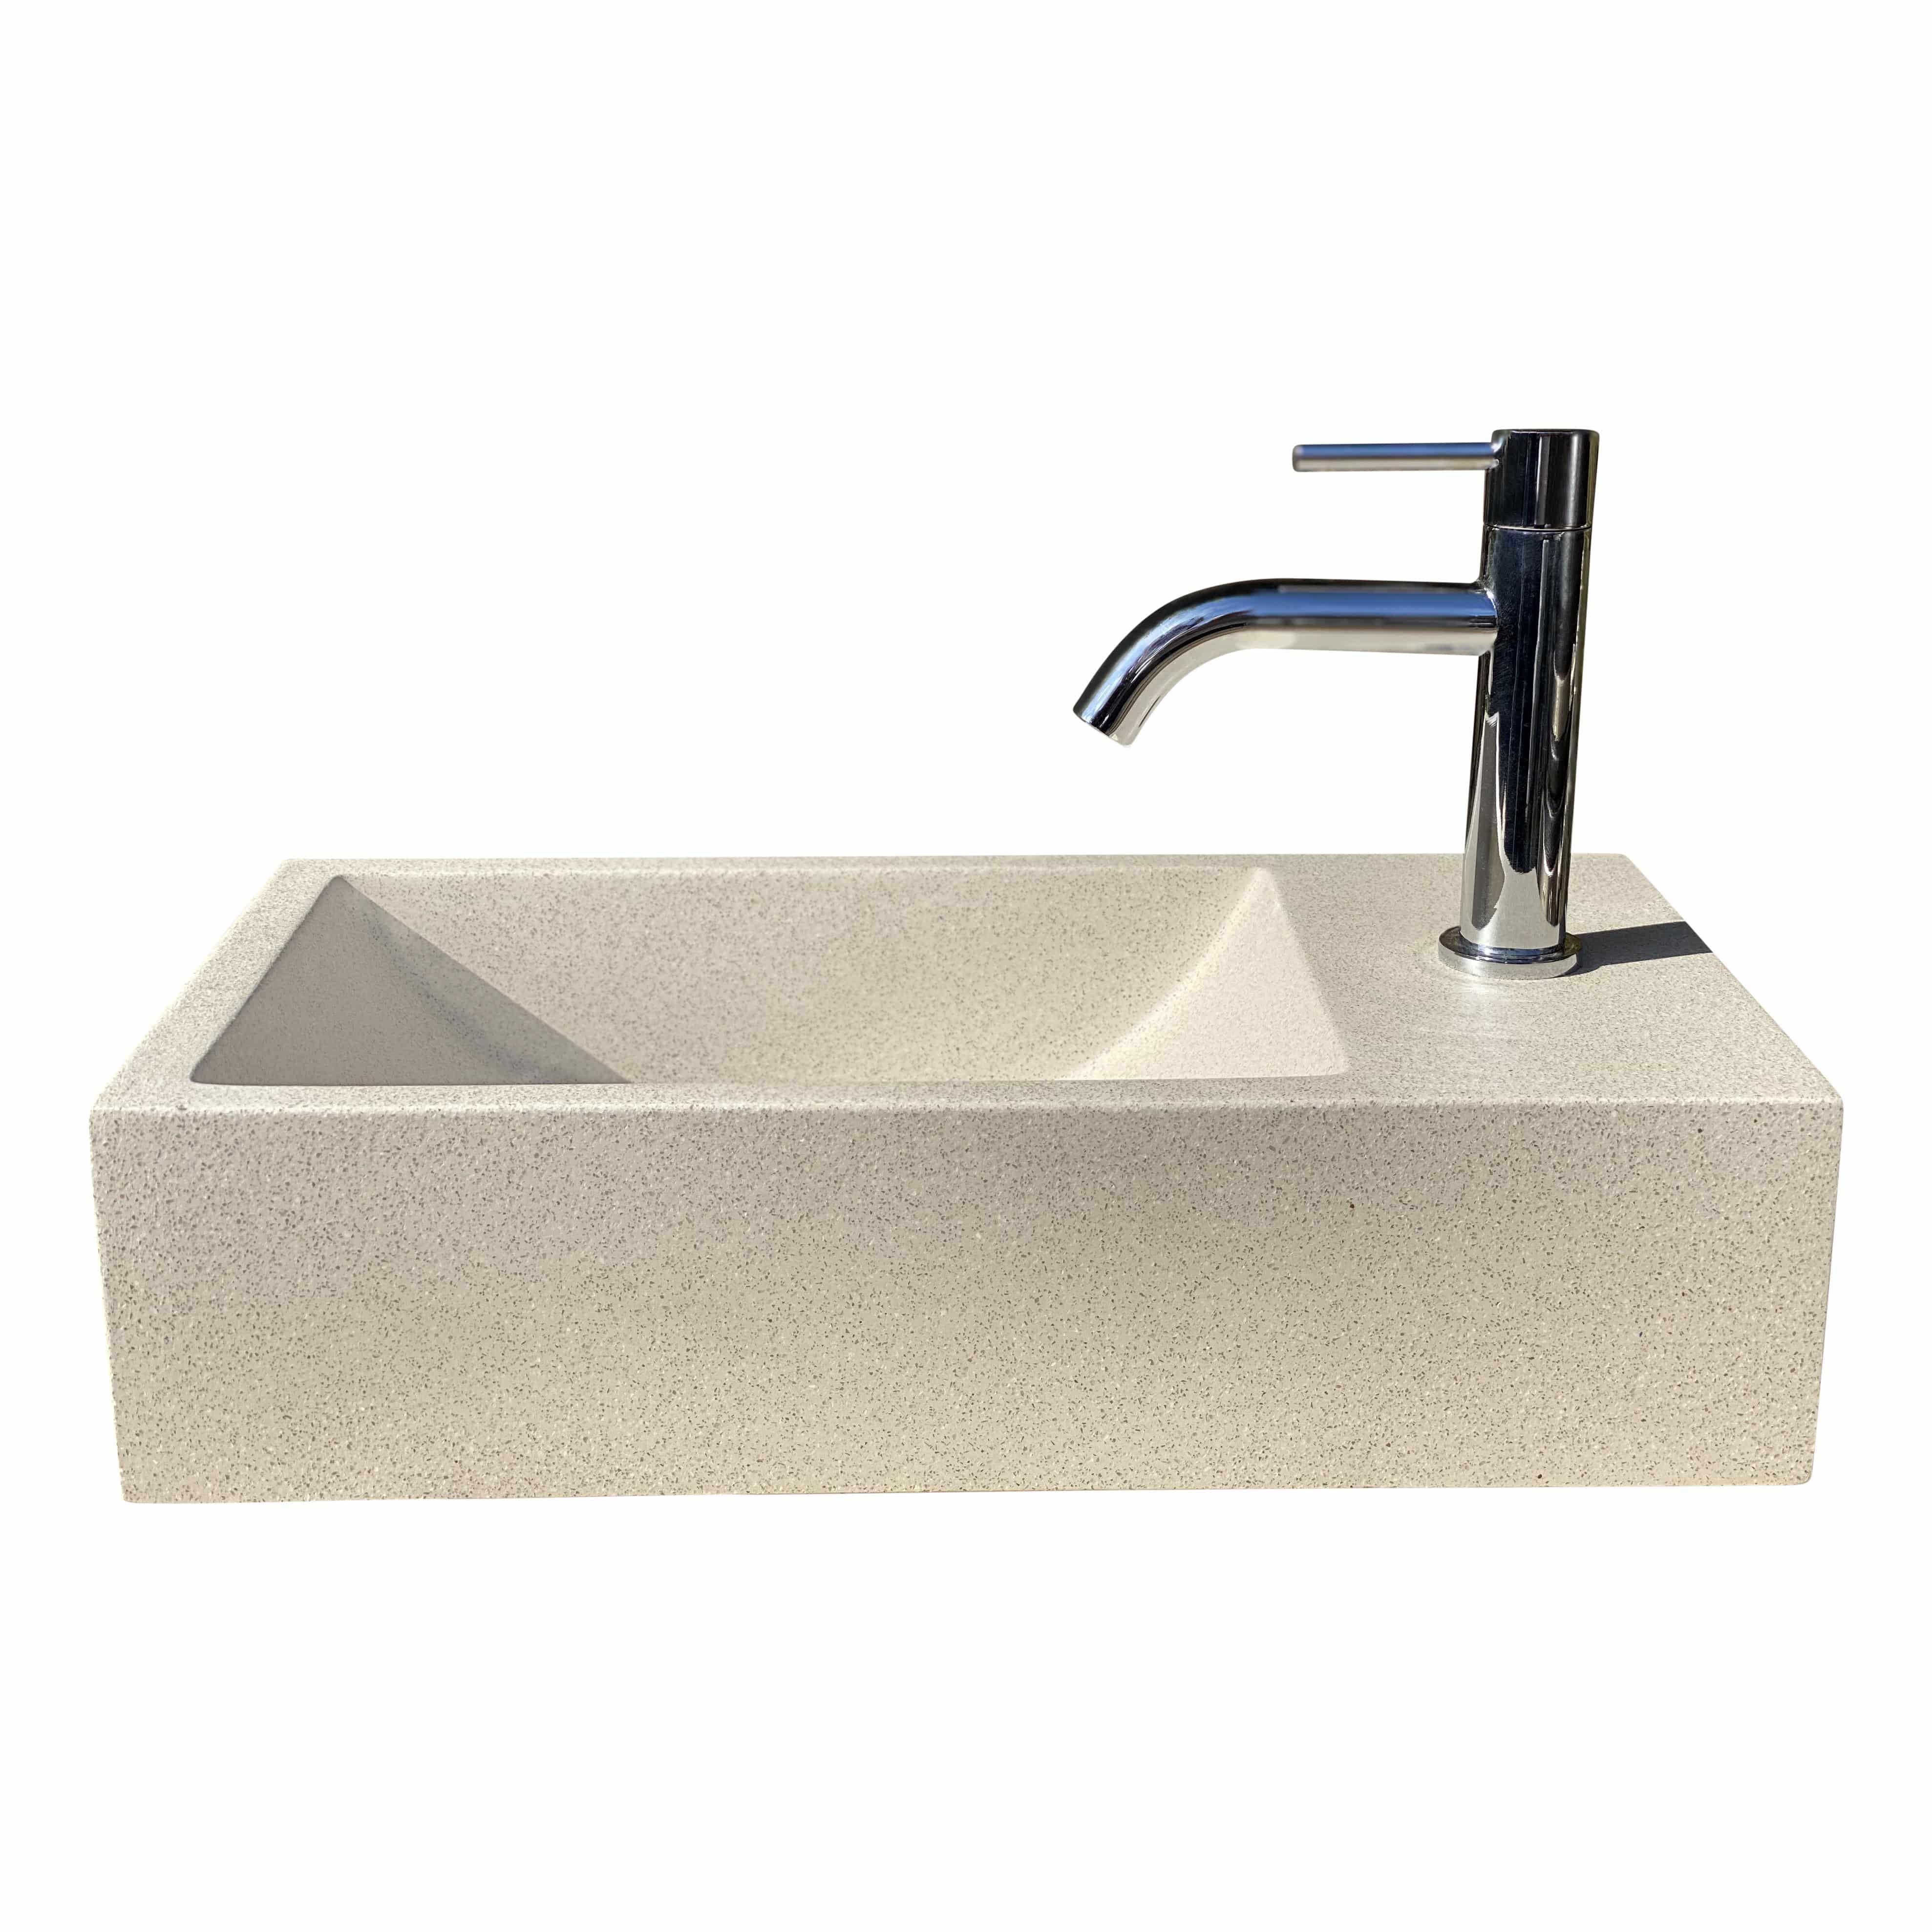 4Goodz fontein polybeton Zand Terrazzo - 40x22x15 cm